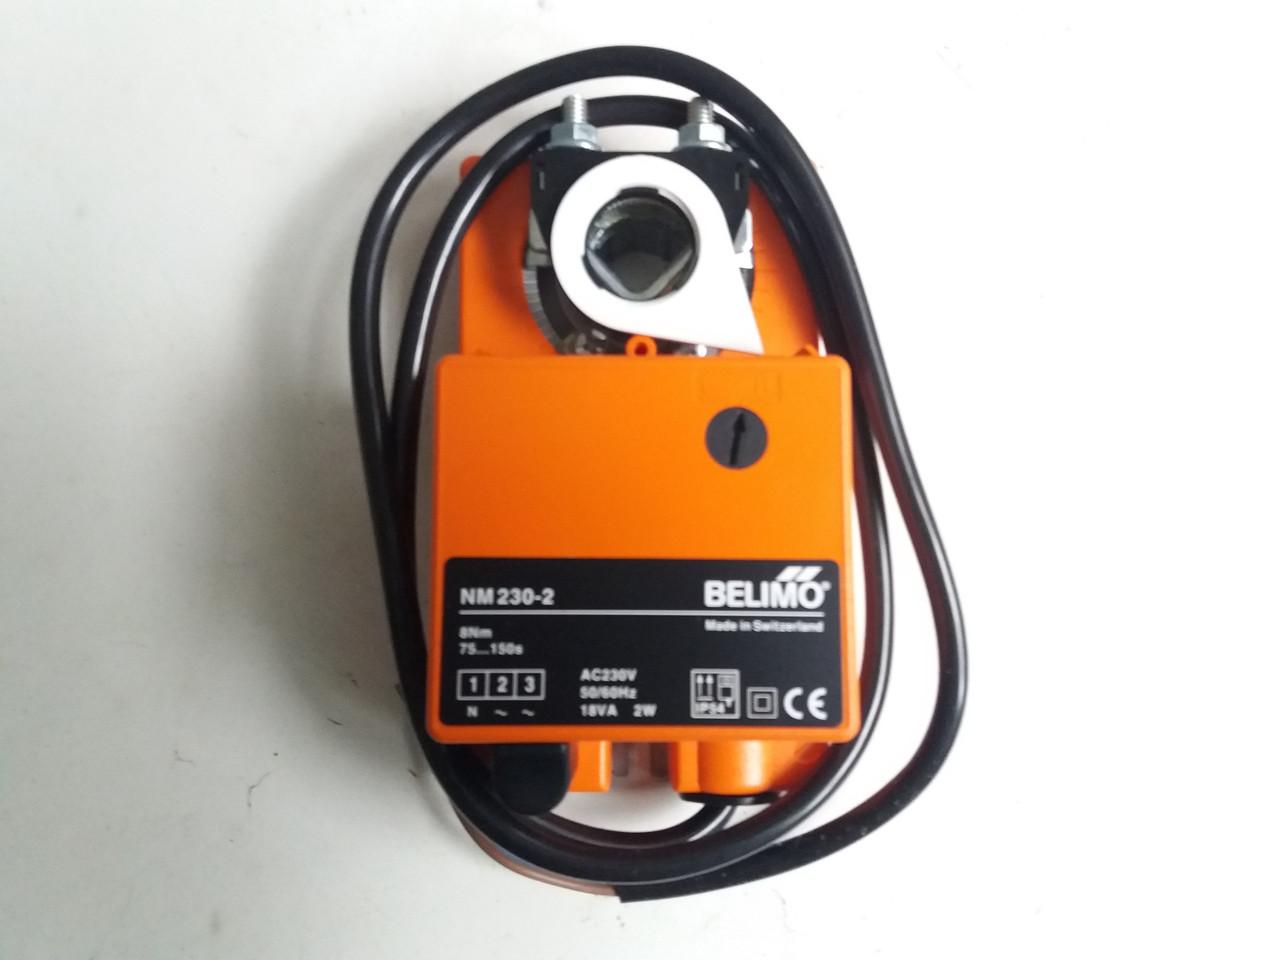 Привод для воздушных заслонок BELIMO NM 230